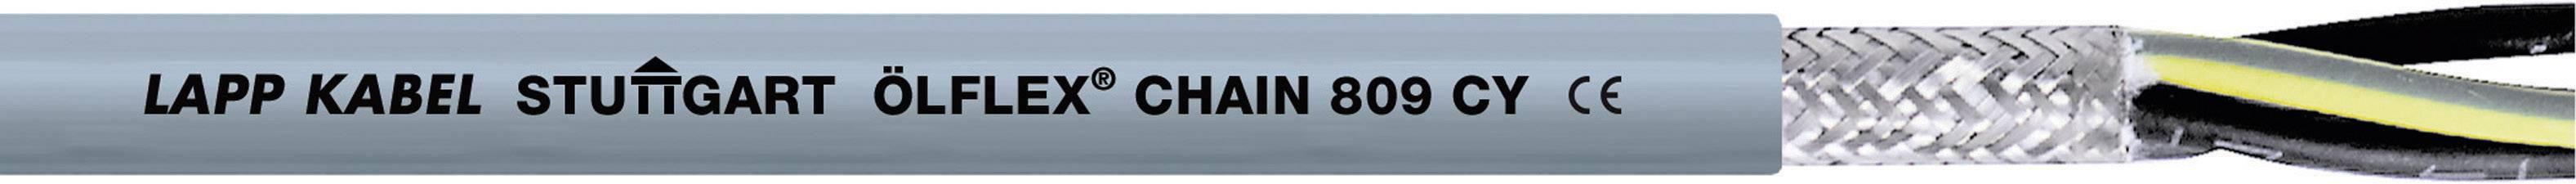 Žíla kabelu LappKabel ÖLFLEX CHAIN 809 CY 5G1,0 (1026770), 5x 1 mm², PVC, Ø 8,3 mm, stíněný, 50 m, šedá